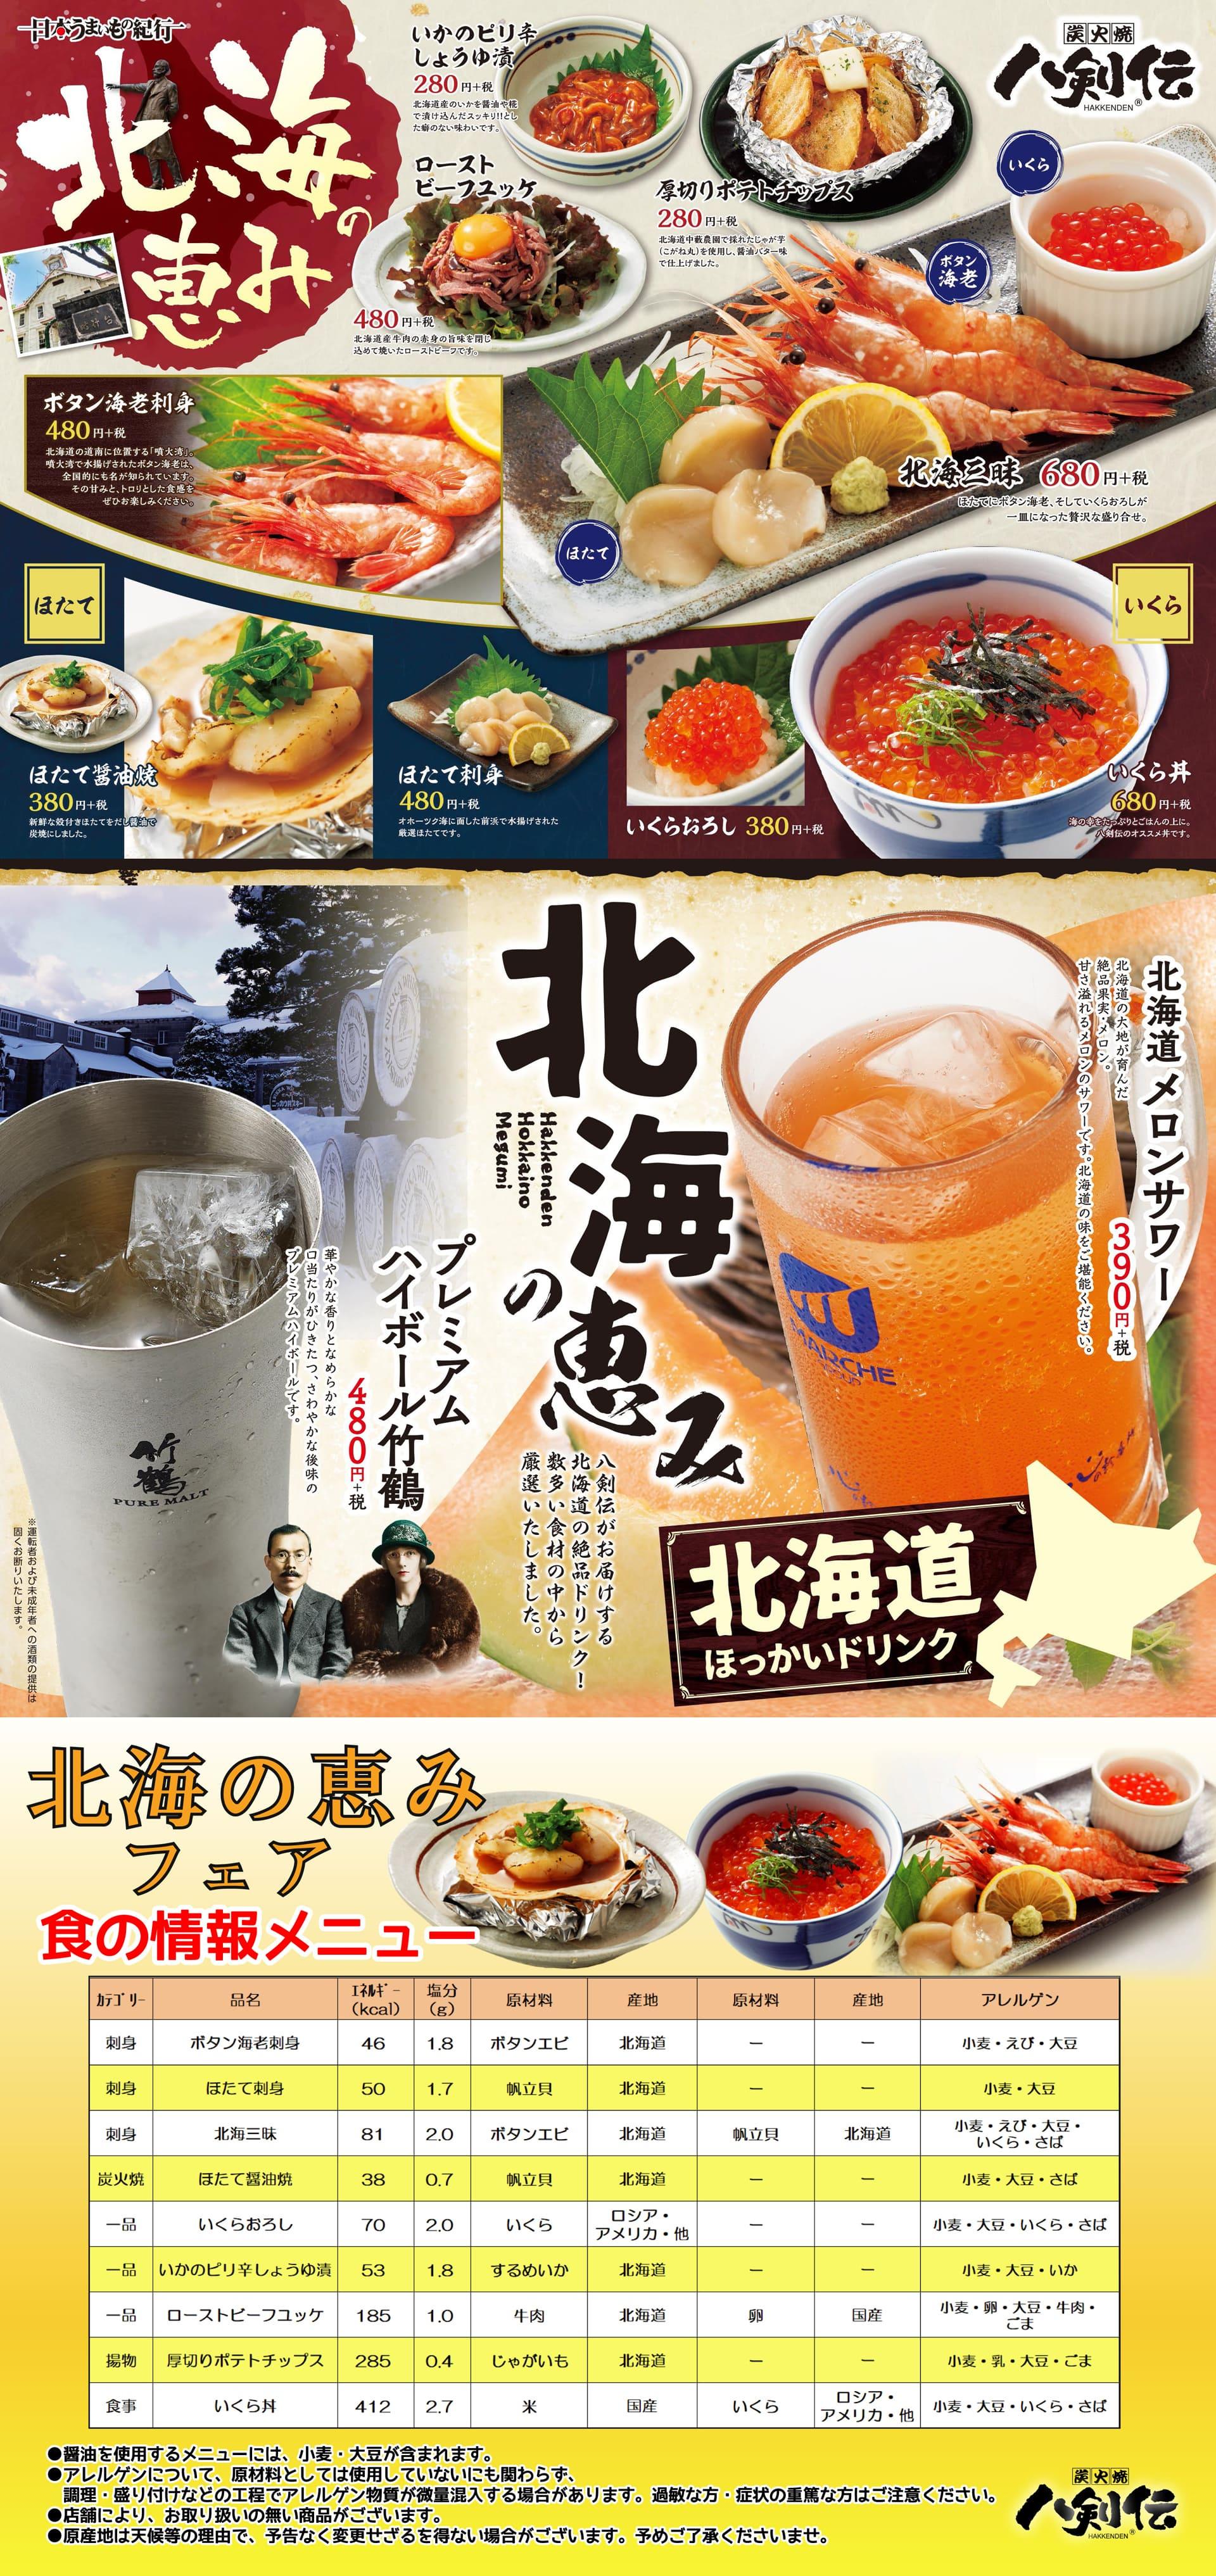 八剣伝 日本うまいもの紀行-北海の恵み-